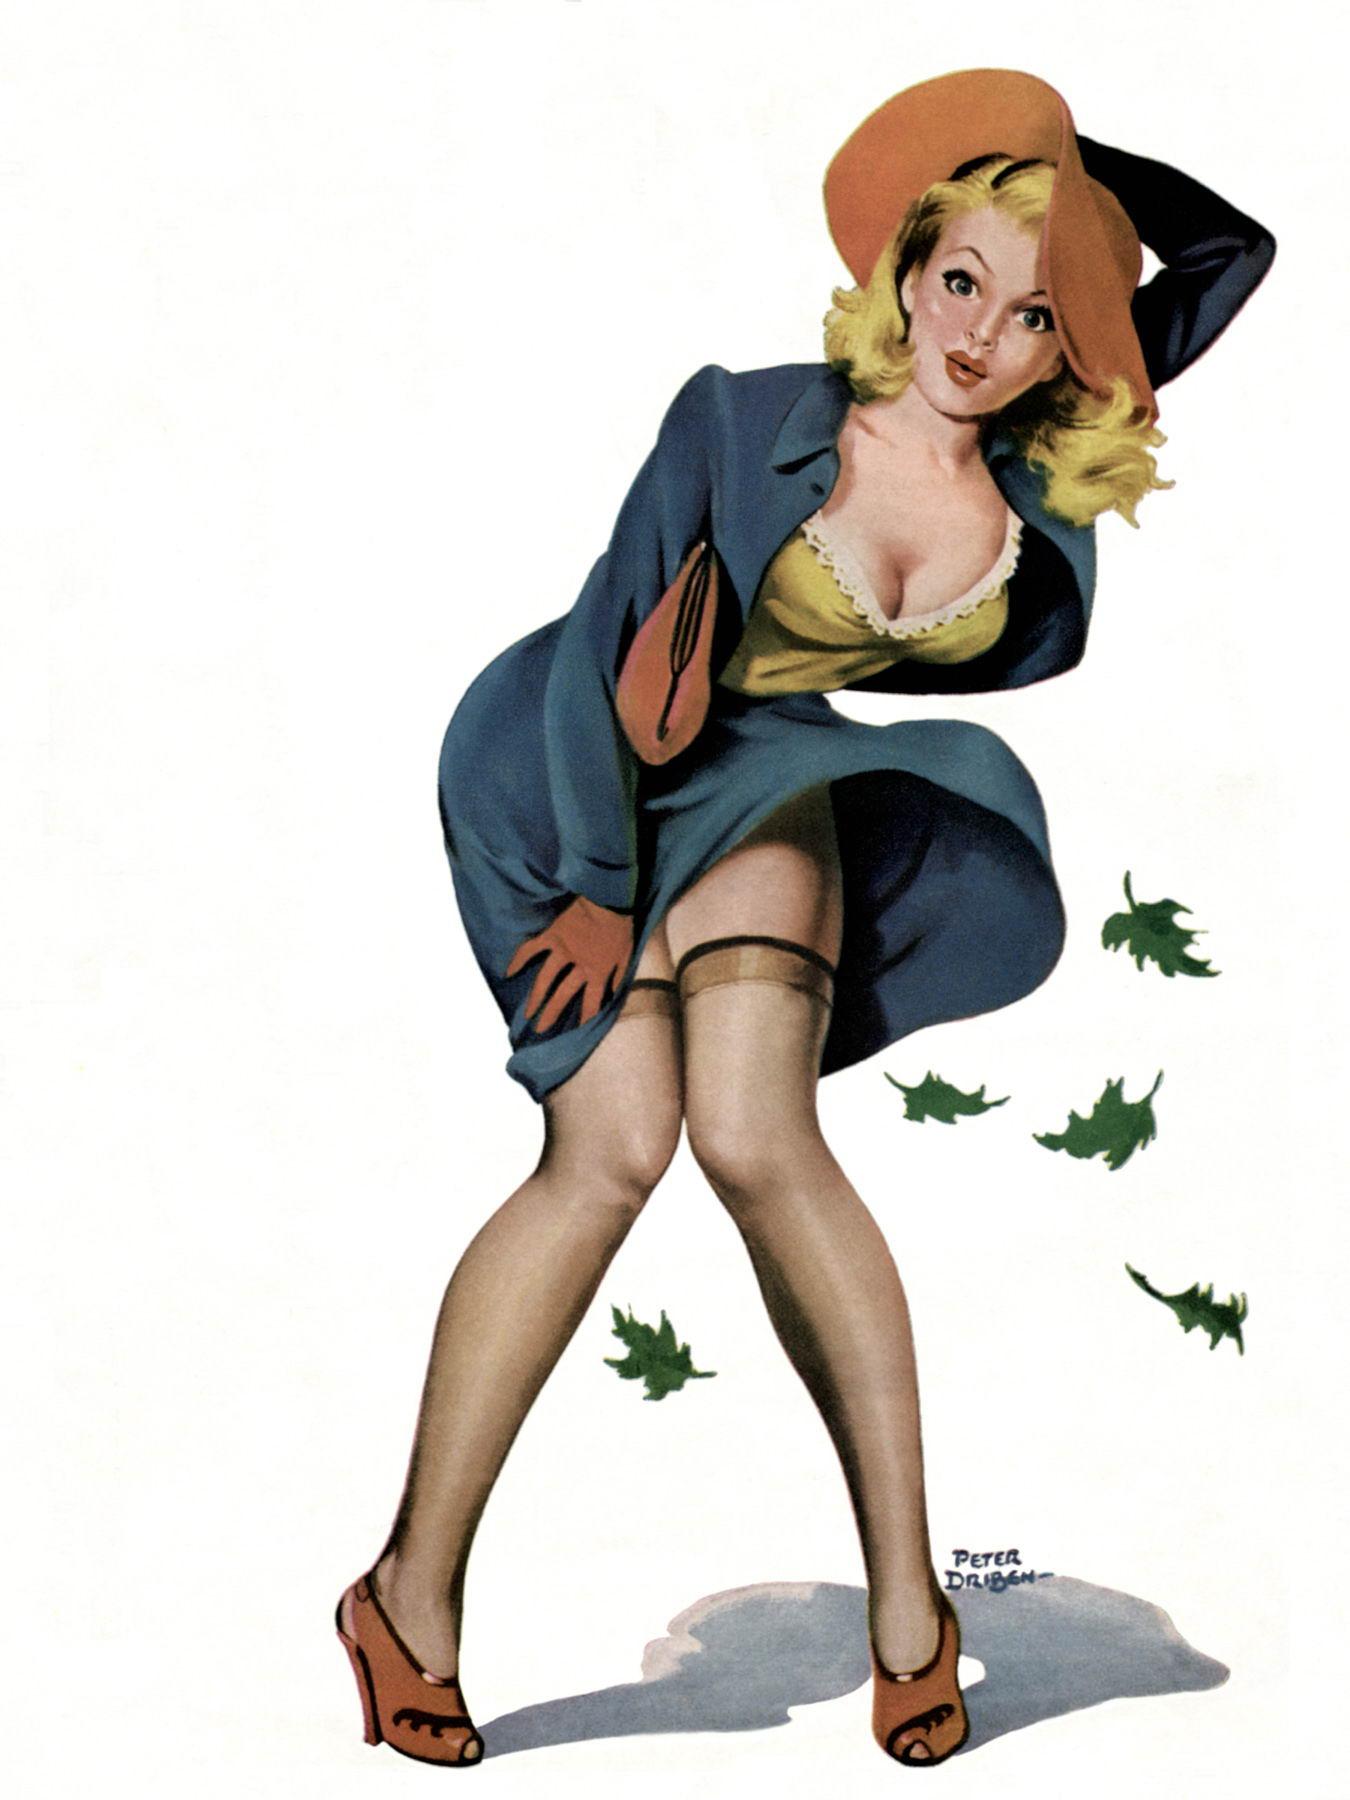 Пин-ап девушки 40-50-х годов